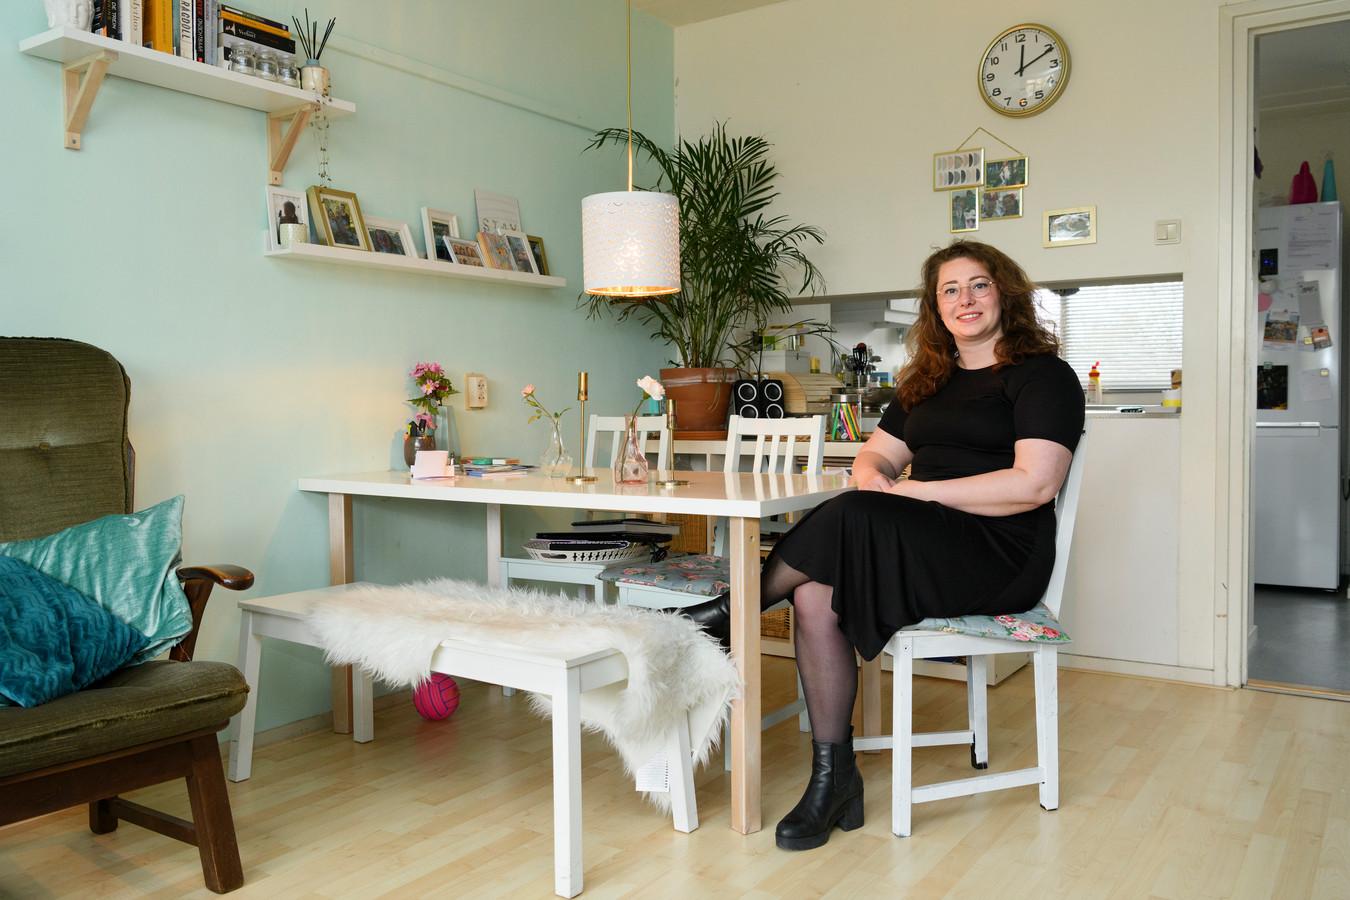 Wieteke Vrieling (28) woont met haar dochter in een prettig appartement van Studentenhuisvesting Nijmegen, maar moet daar binnenkort uit. Ze heeft geen idee waar ze dan kan gaan wonen.